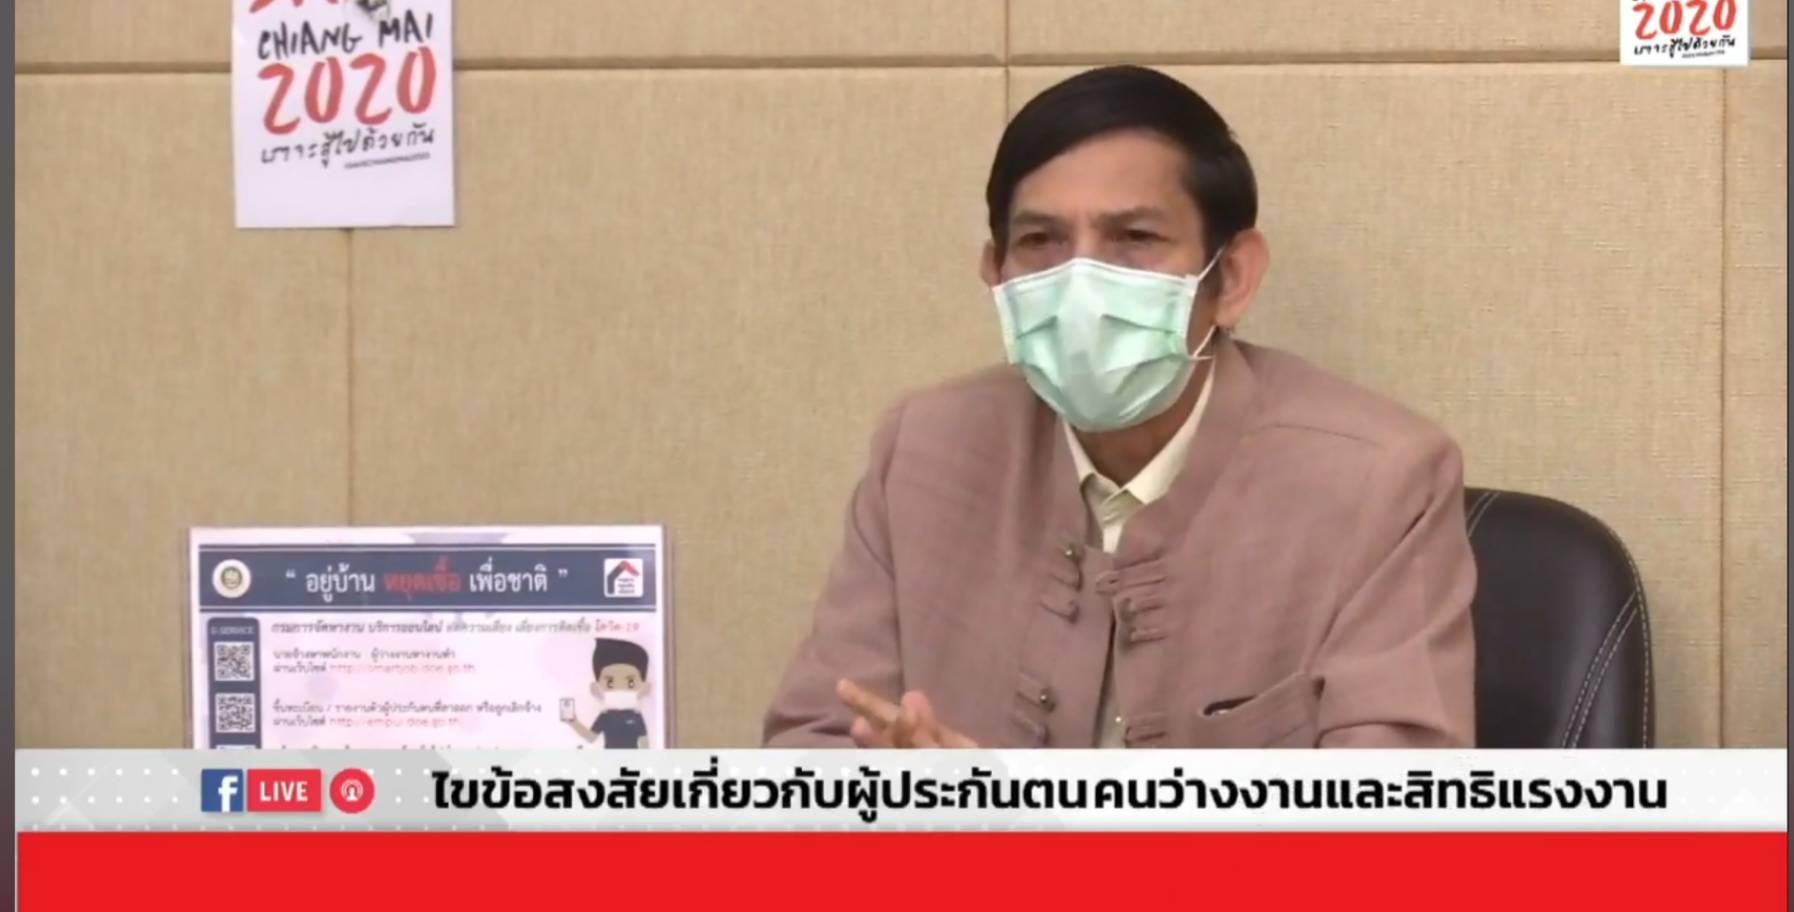 หัวหน้าส่วนก.แรงงานเชียงใหม่ ร่วมตอบคำถามสด  ใน Facebook Live : Facebook fanpag Save Chiangmai